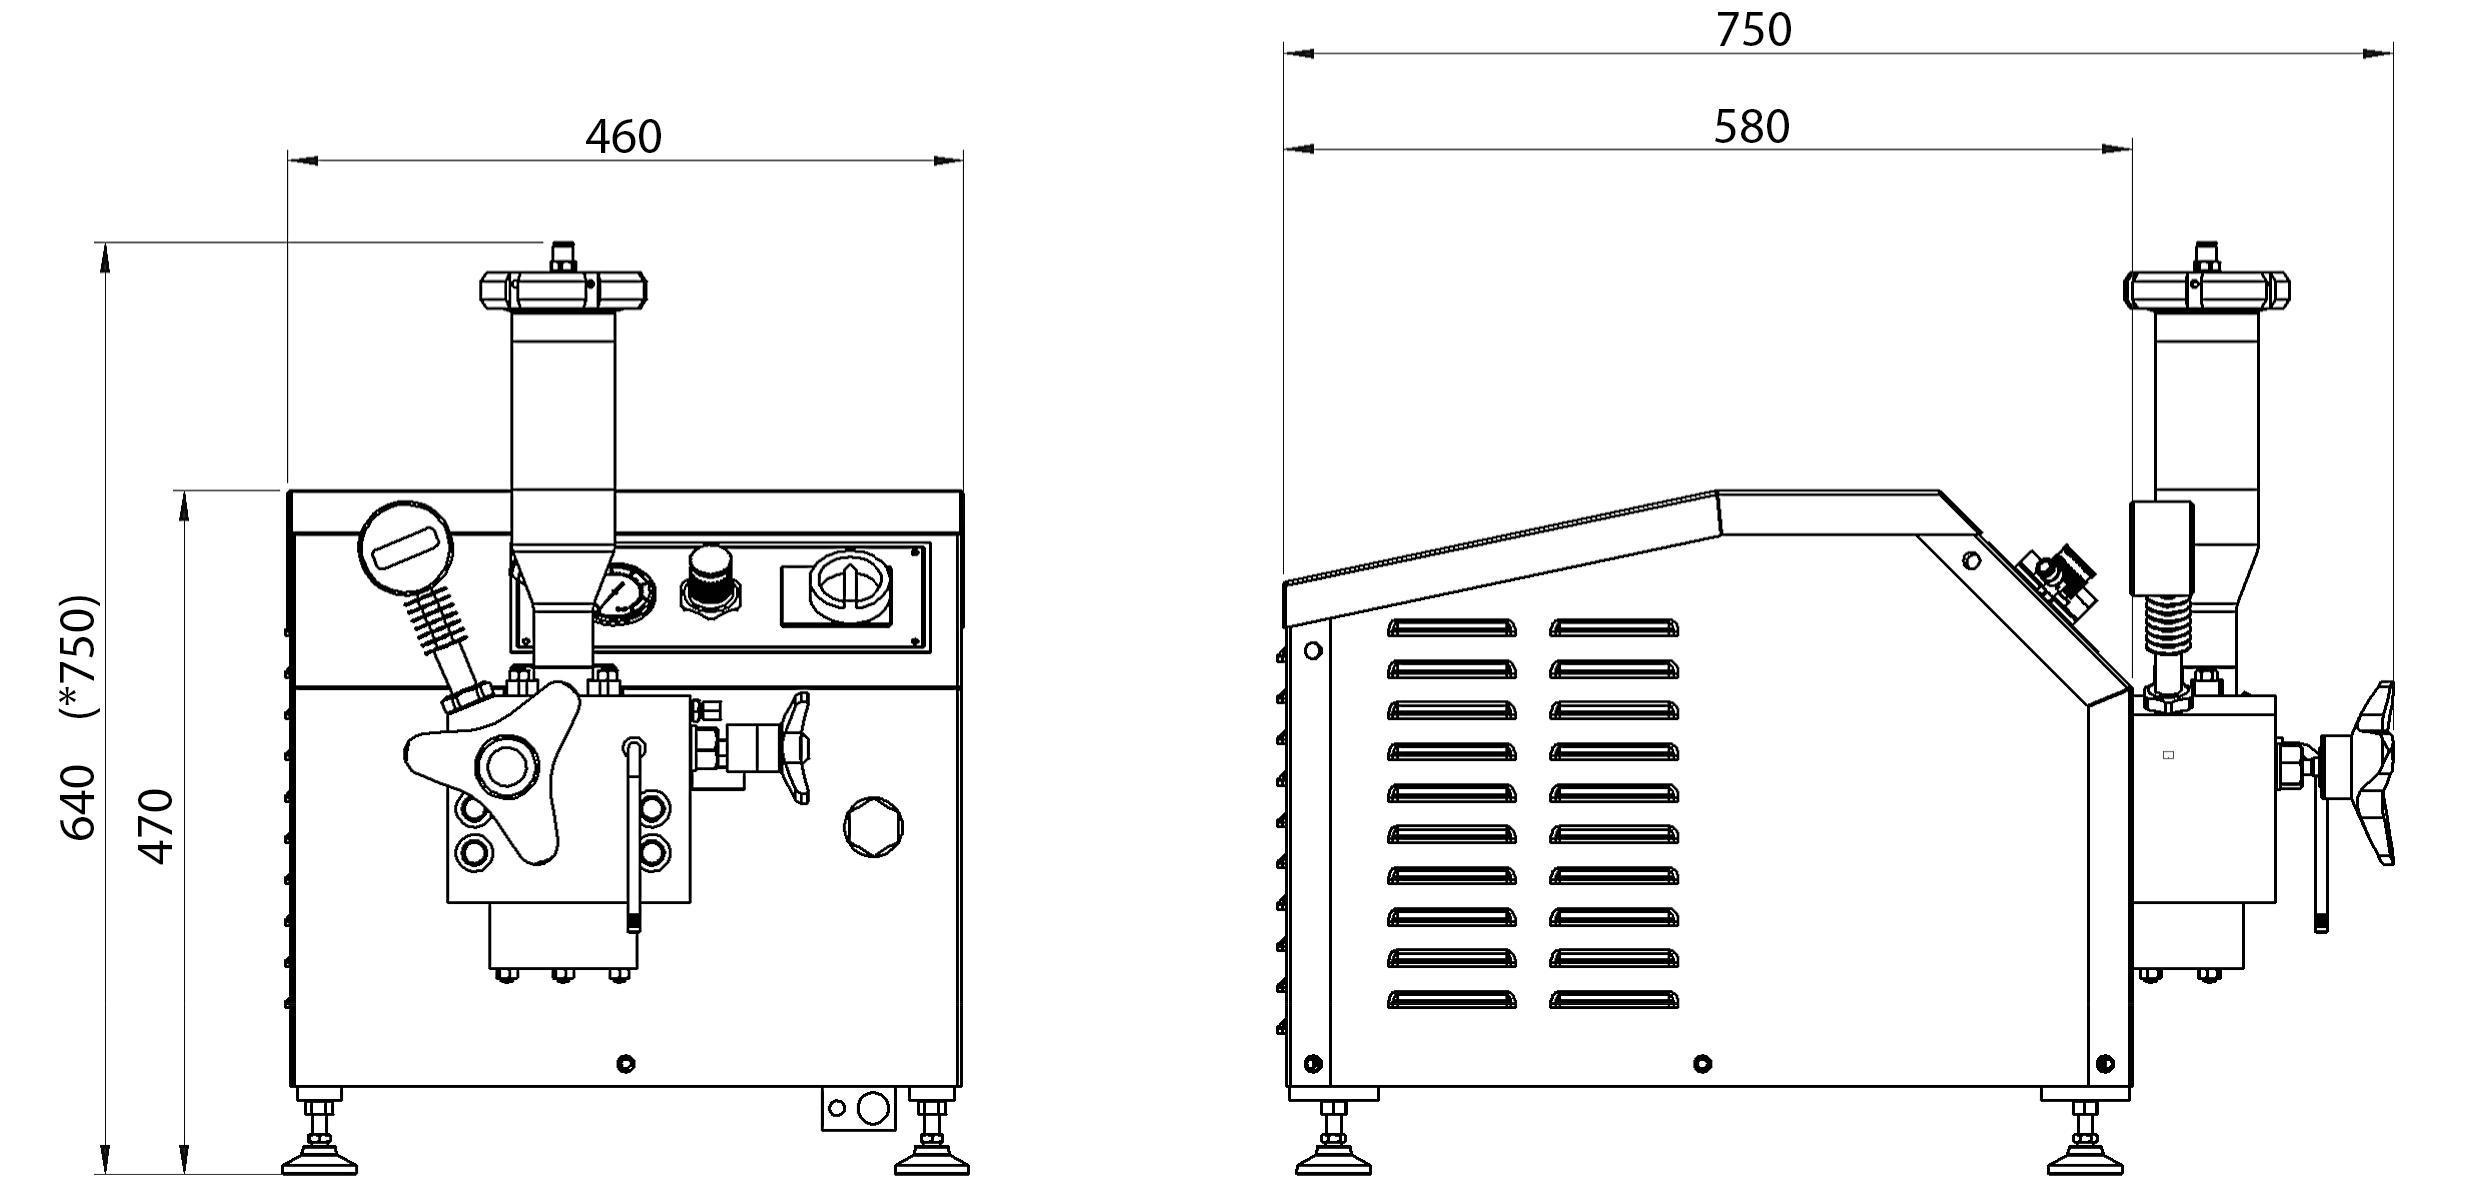 Máy đồng hóa áp suất cao - bản vẽ kỹ thuật